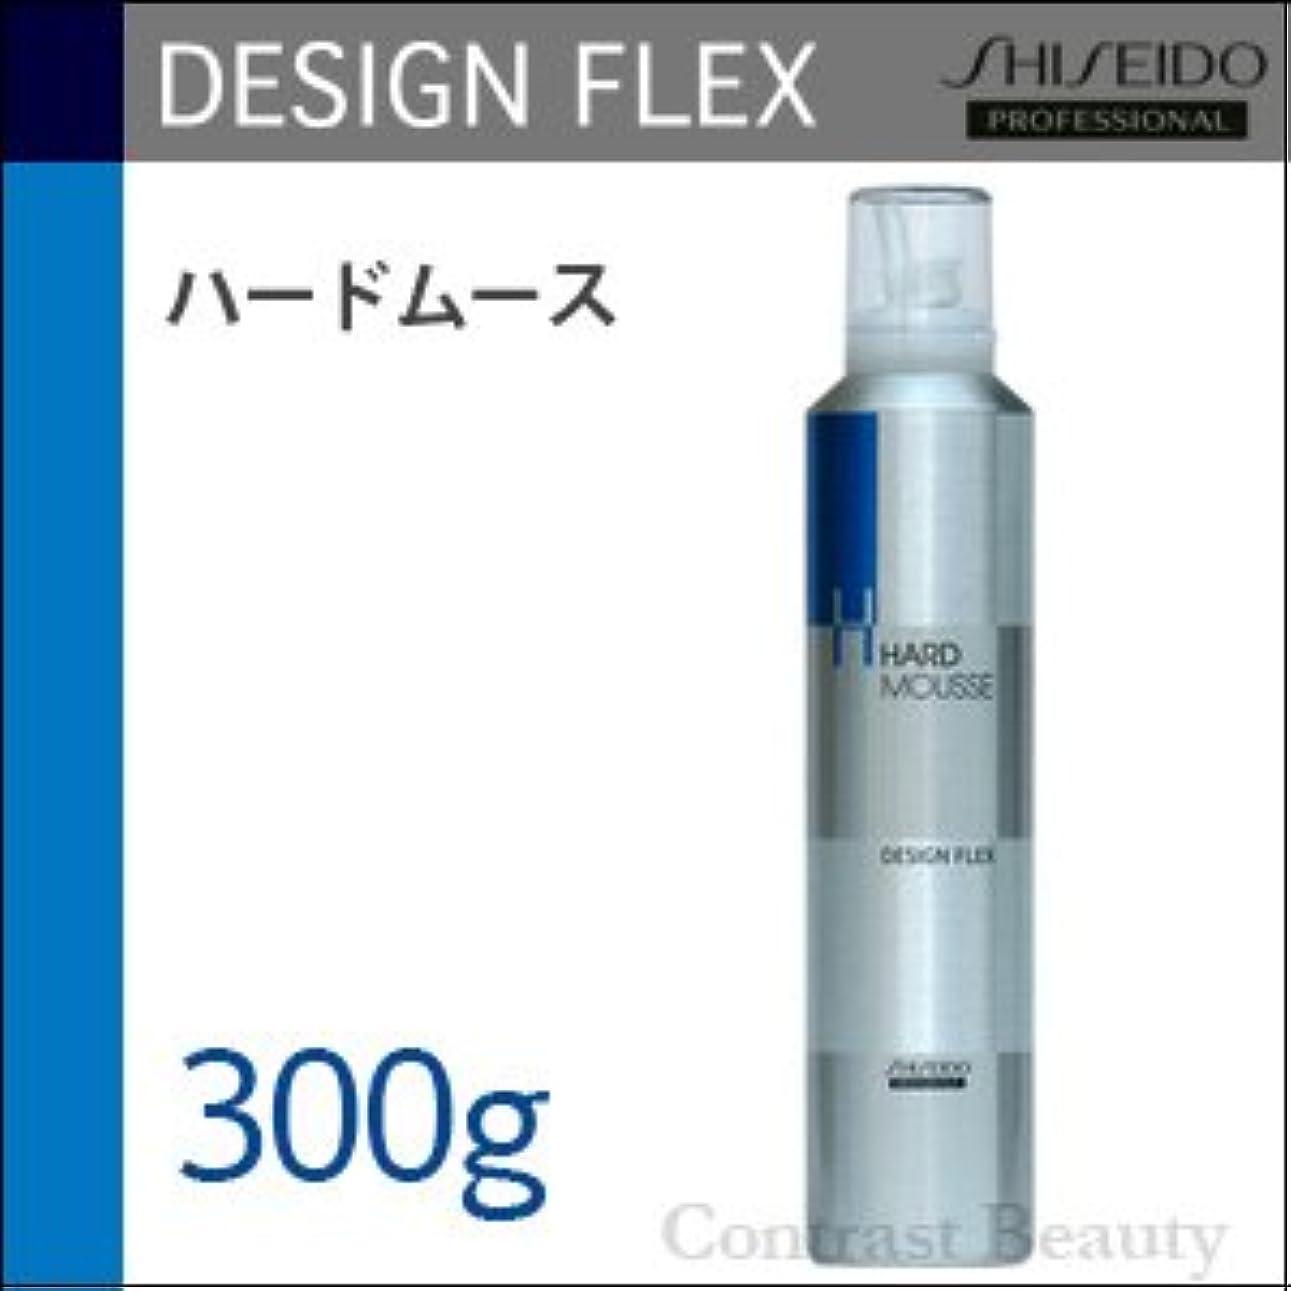 セットするマニアック鉛筆【x3個セット】 資生堂 デザインフレックス ハードムース 300g